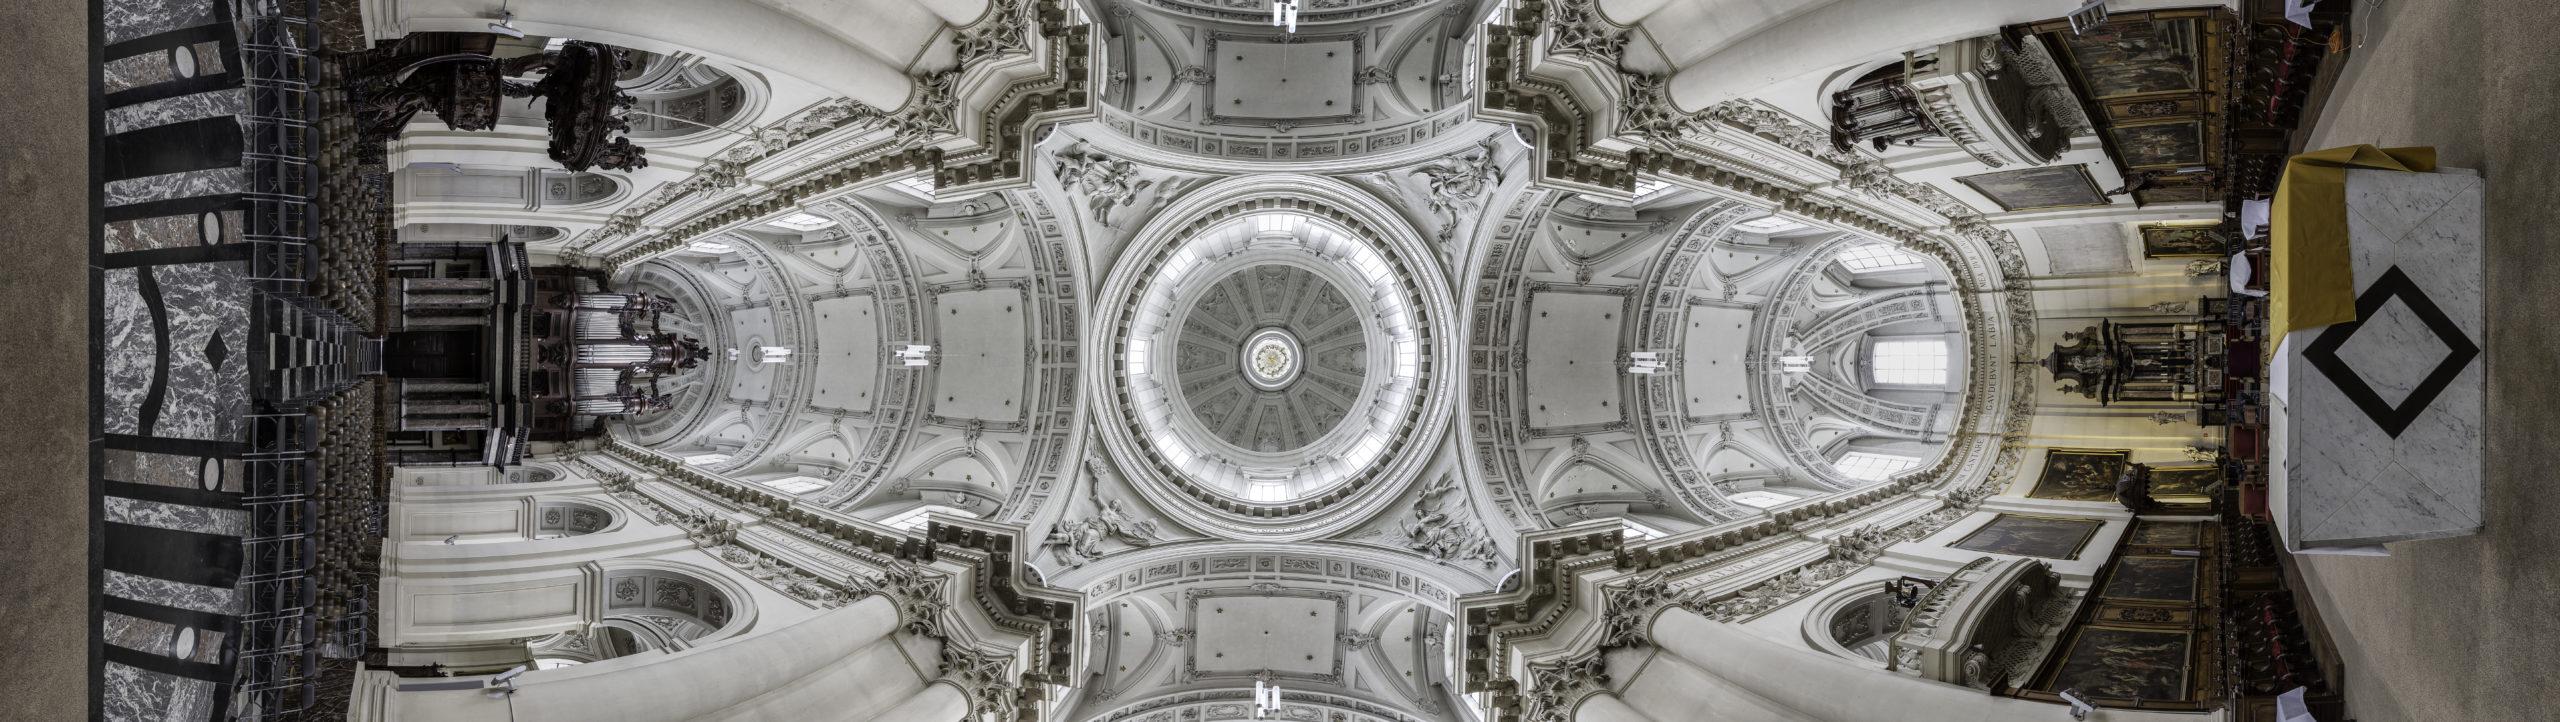 Cathédrale Saint-Aubain - Namur (Belgique)